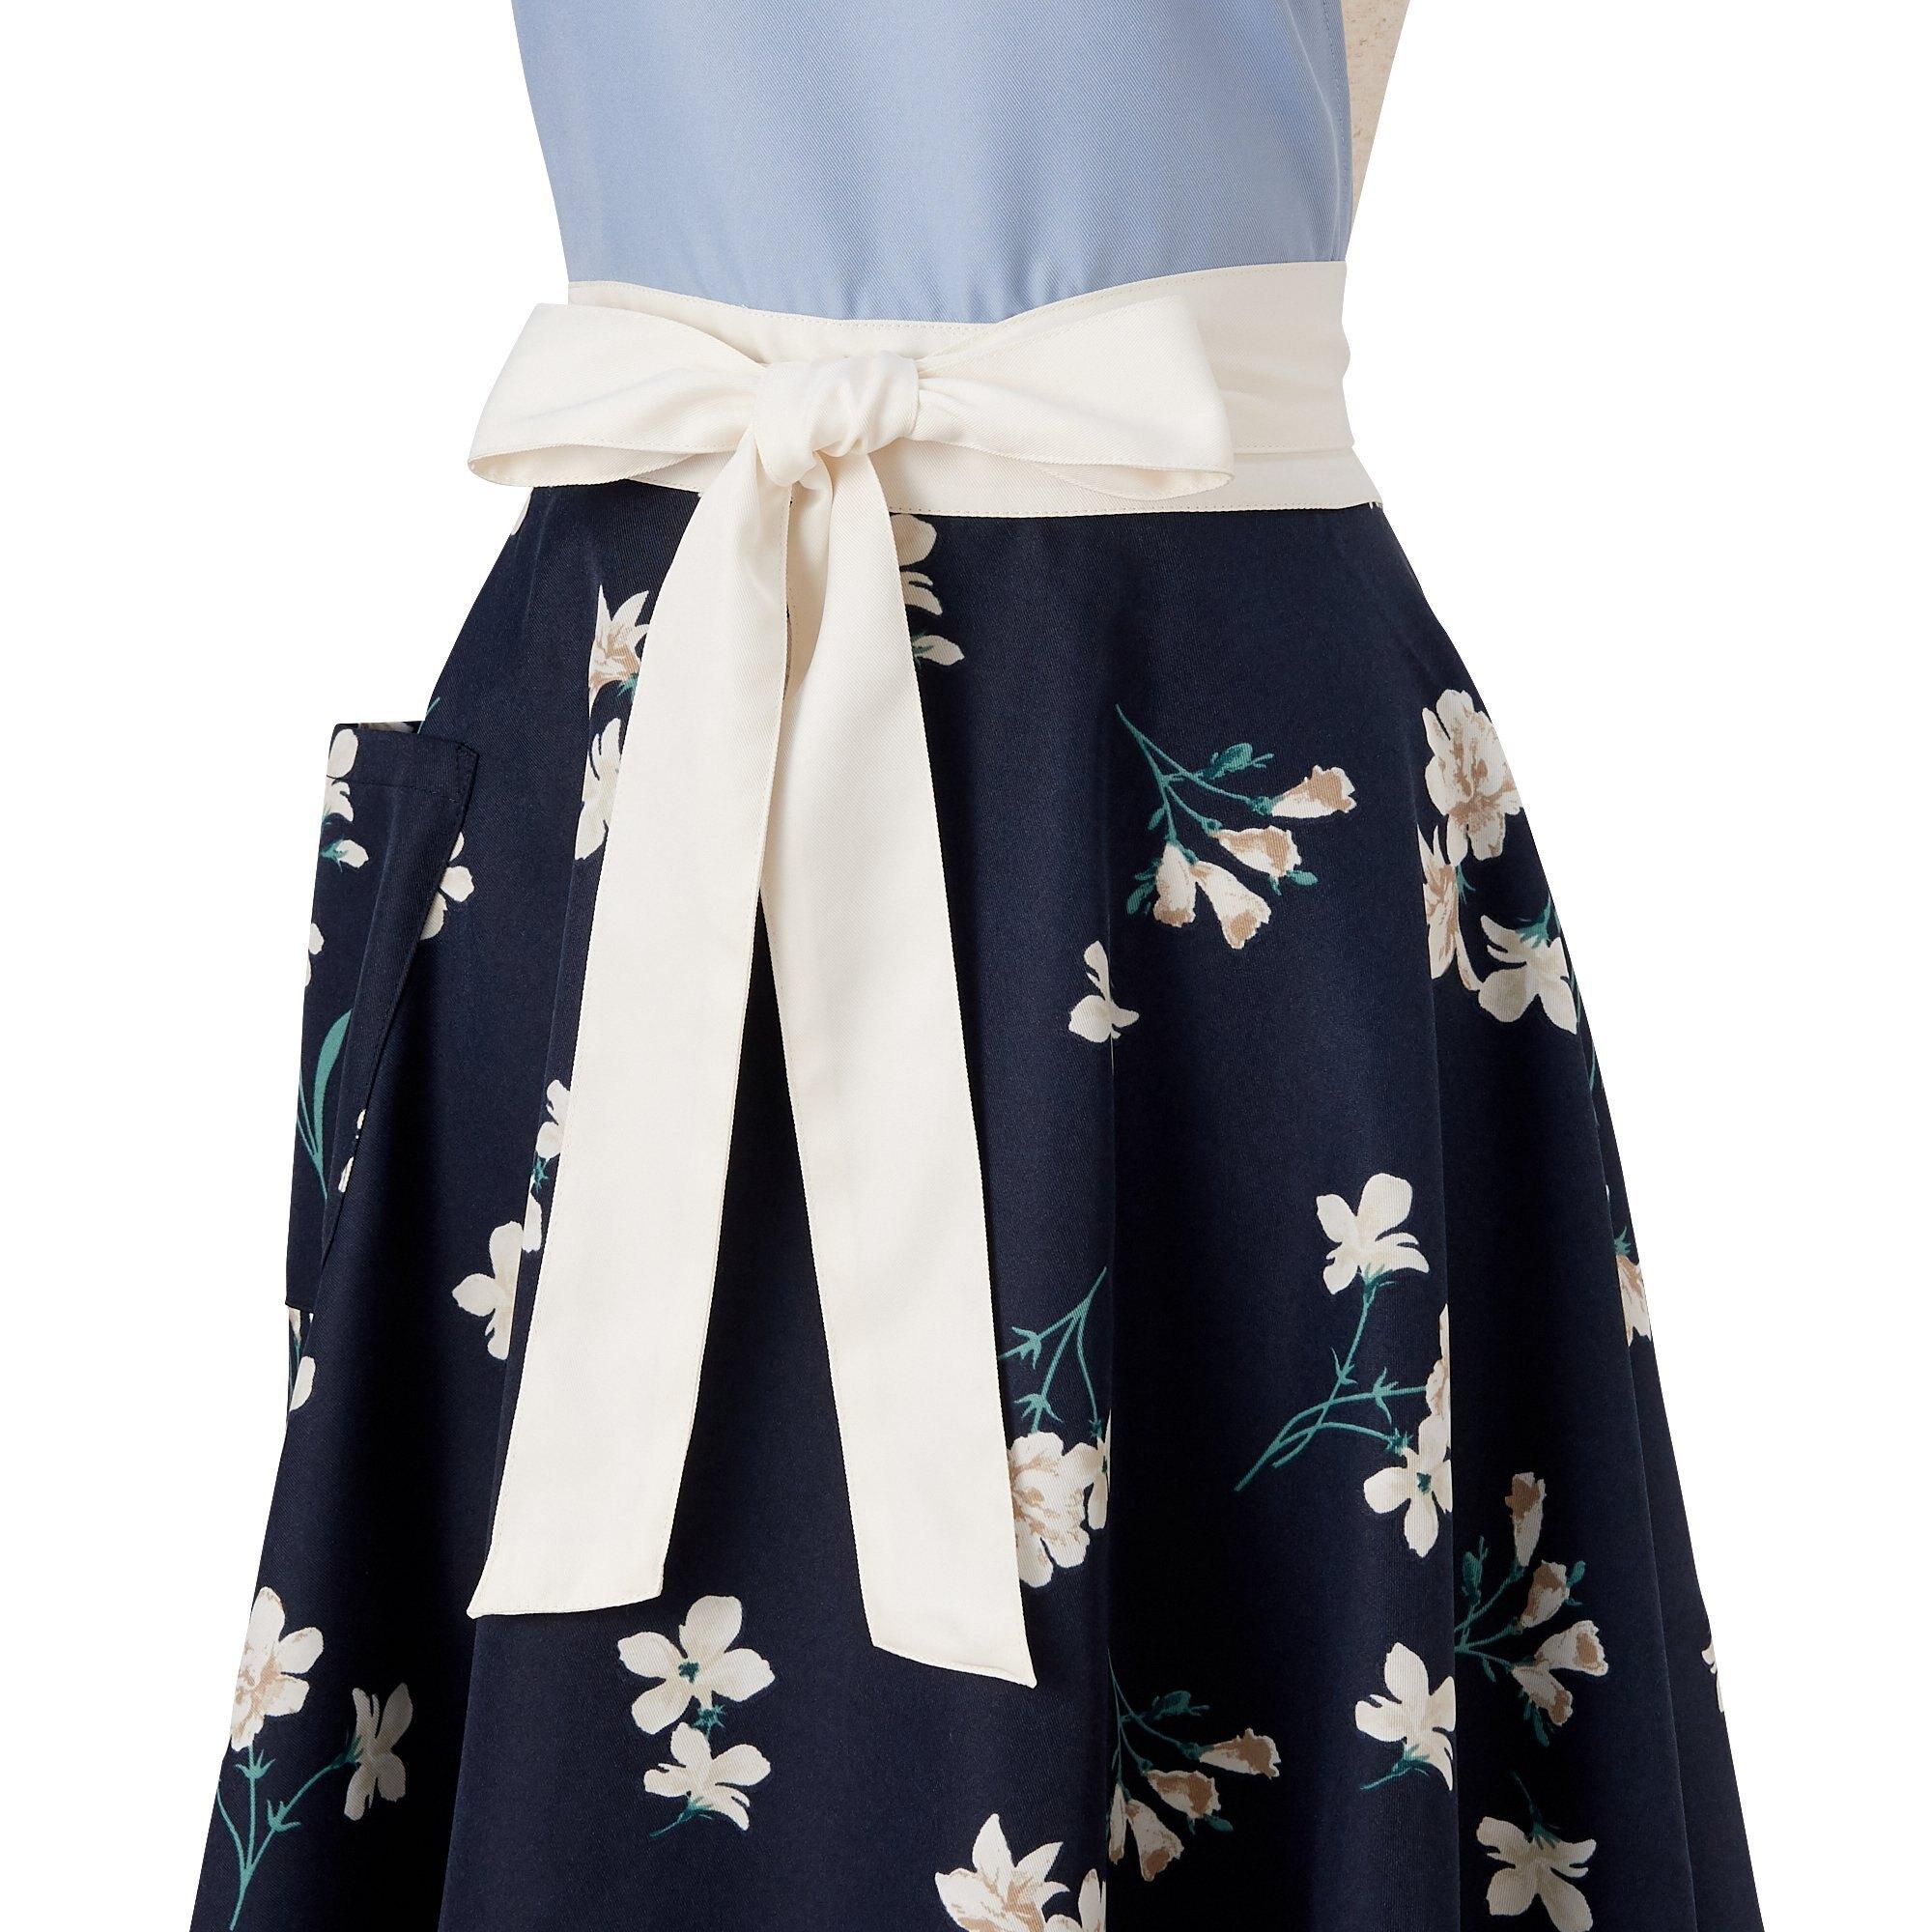 圍裙/烘培圍裙 聚酯材質時尚圍裙 Francfranc 日本必買